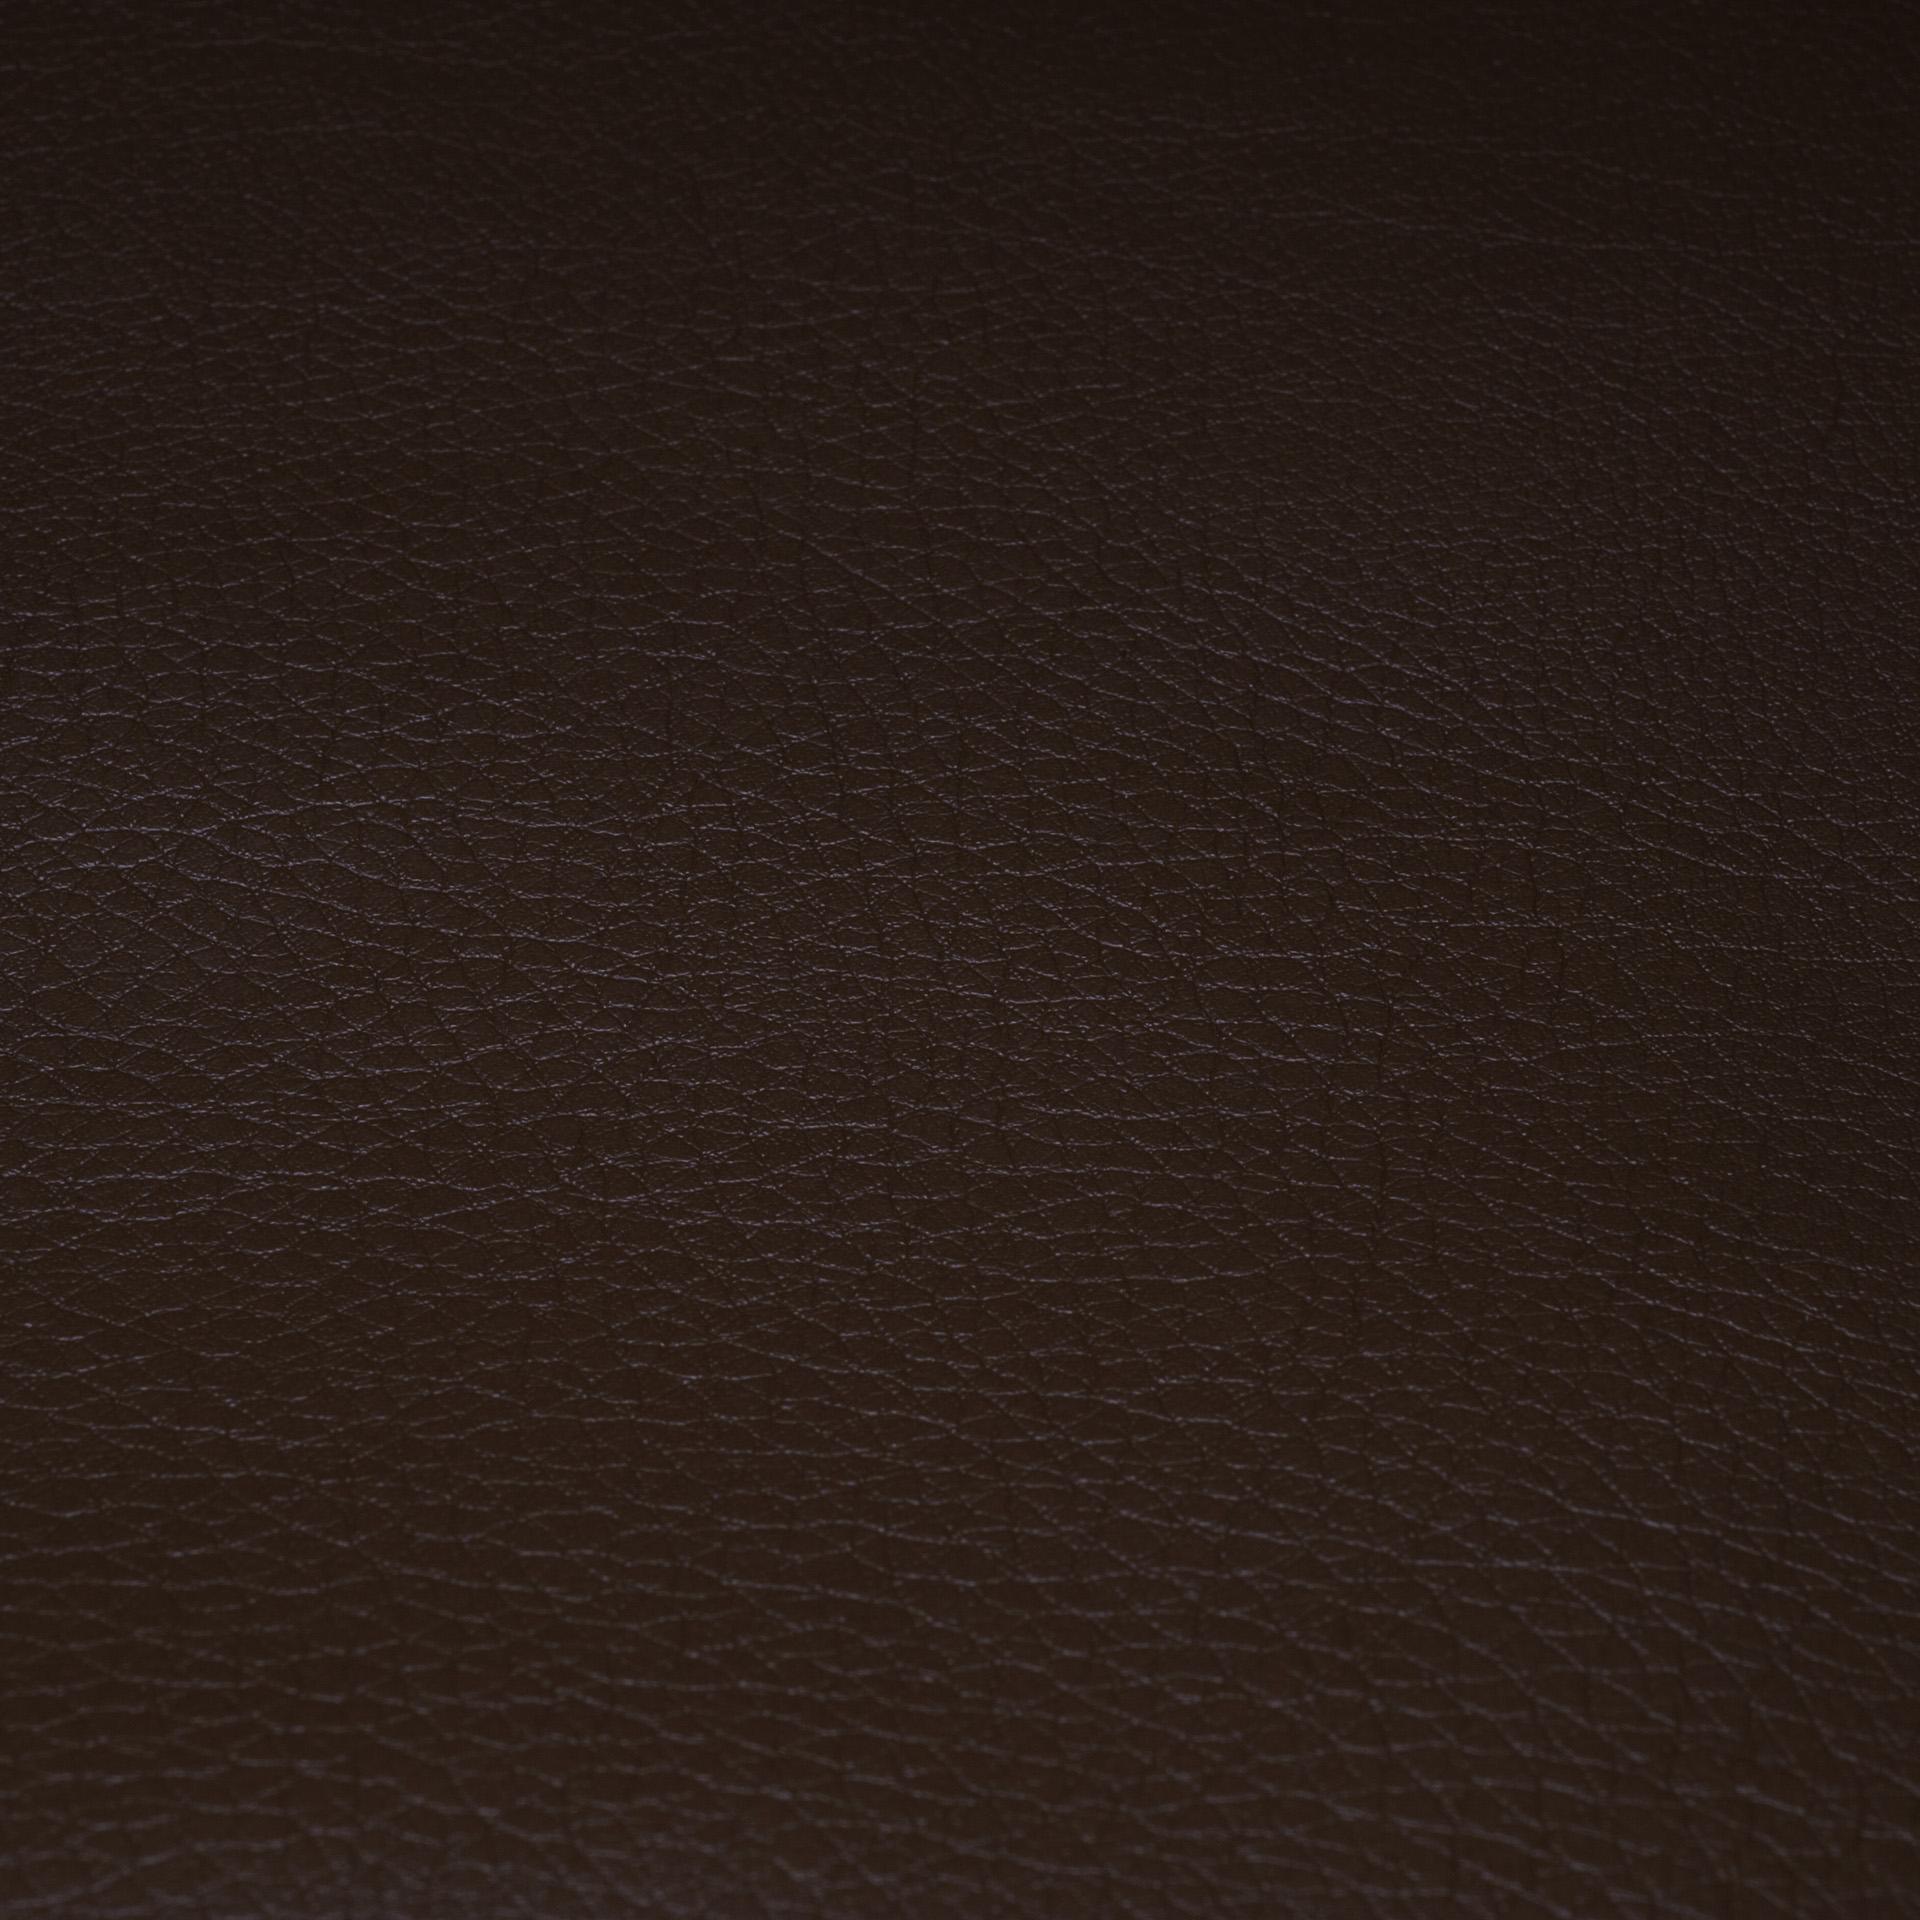 Коллекция ткани Софитель 19 Mid Taupe,  купить ткань Кож зам для мебели Украина